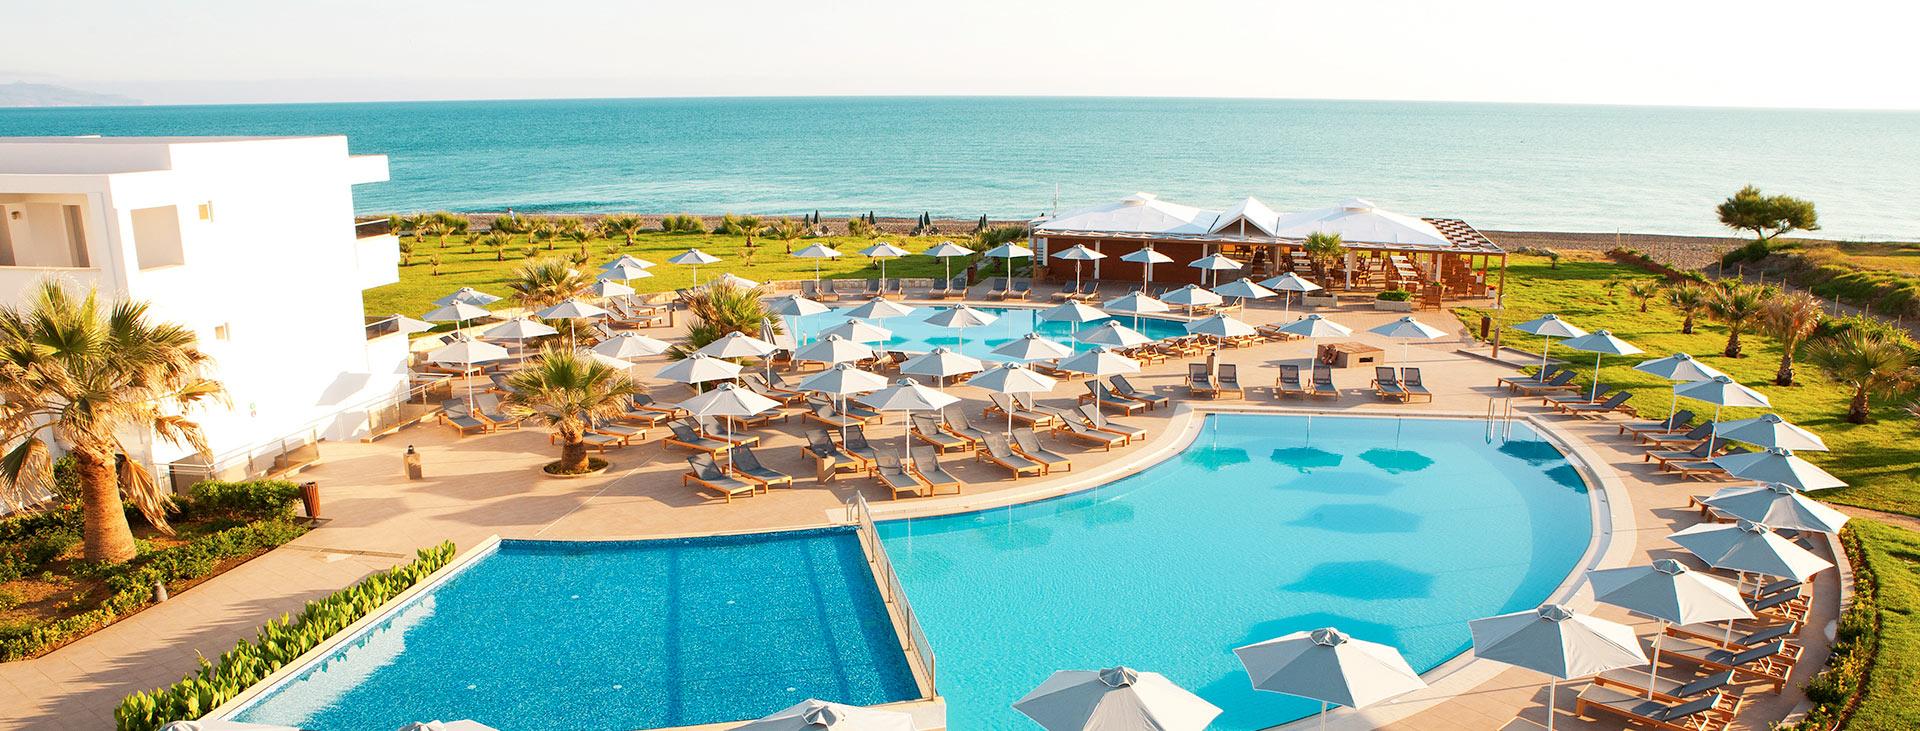 Sunprime Platanias Beach, Chaniakusten, Platanias, Kreta, Grekland